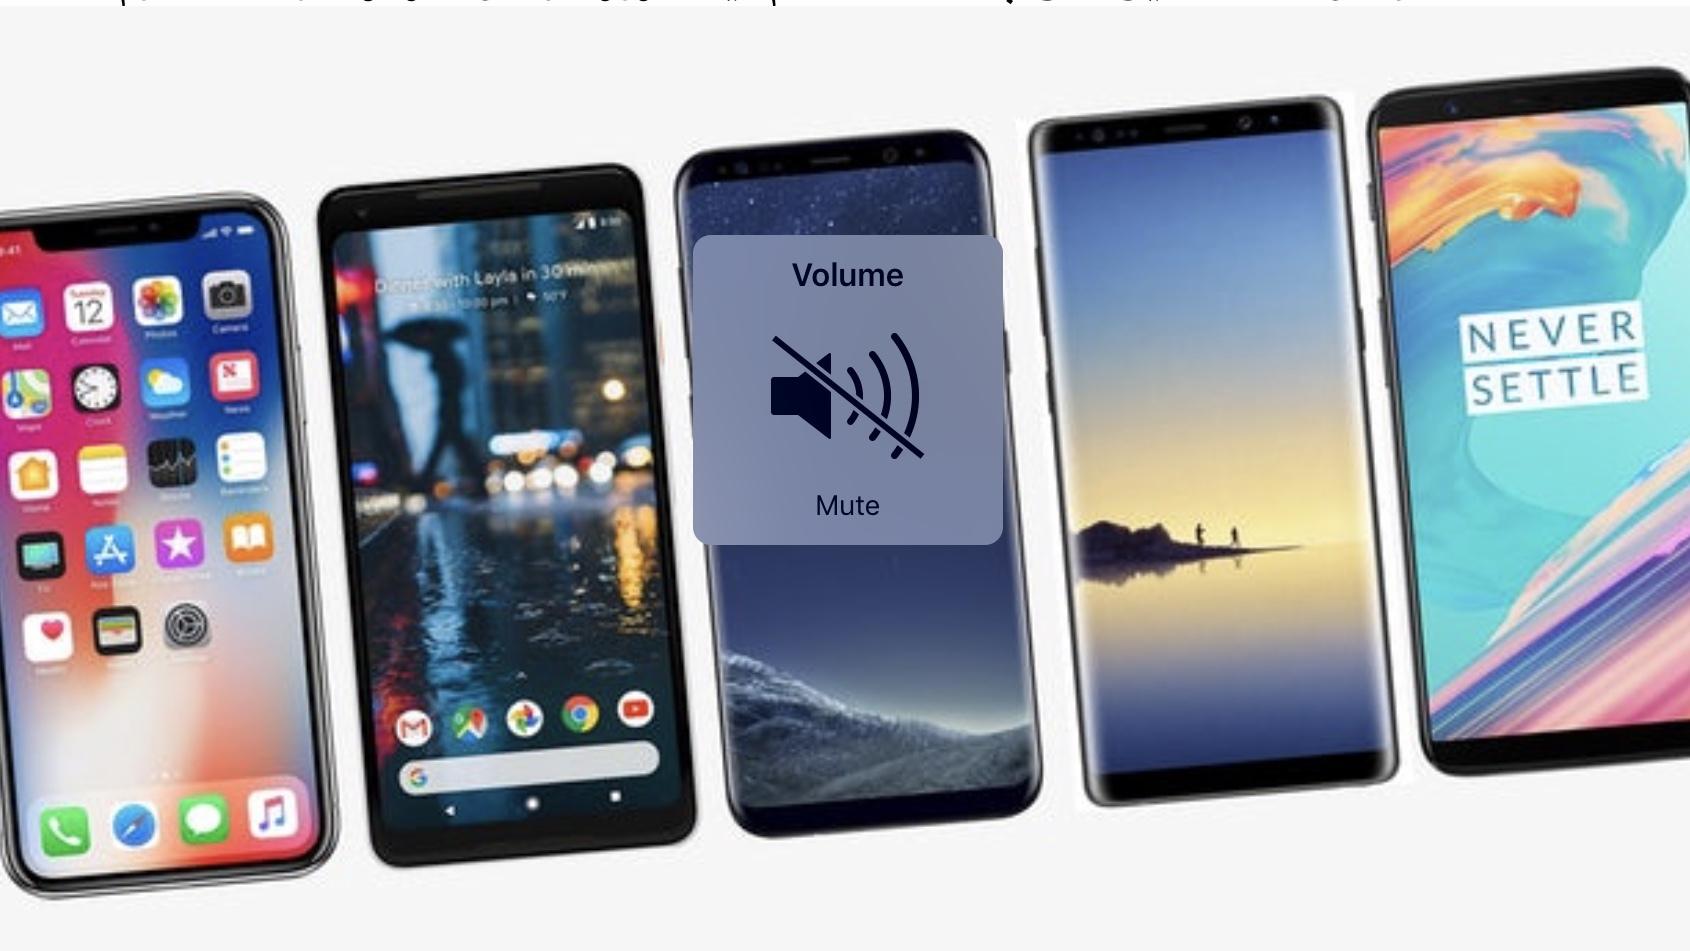 قیمت روز گوشی موبایل موجود در بازار در۲ اردیبهشت ۹۹